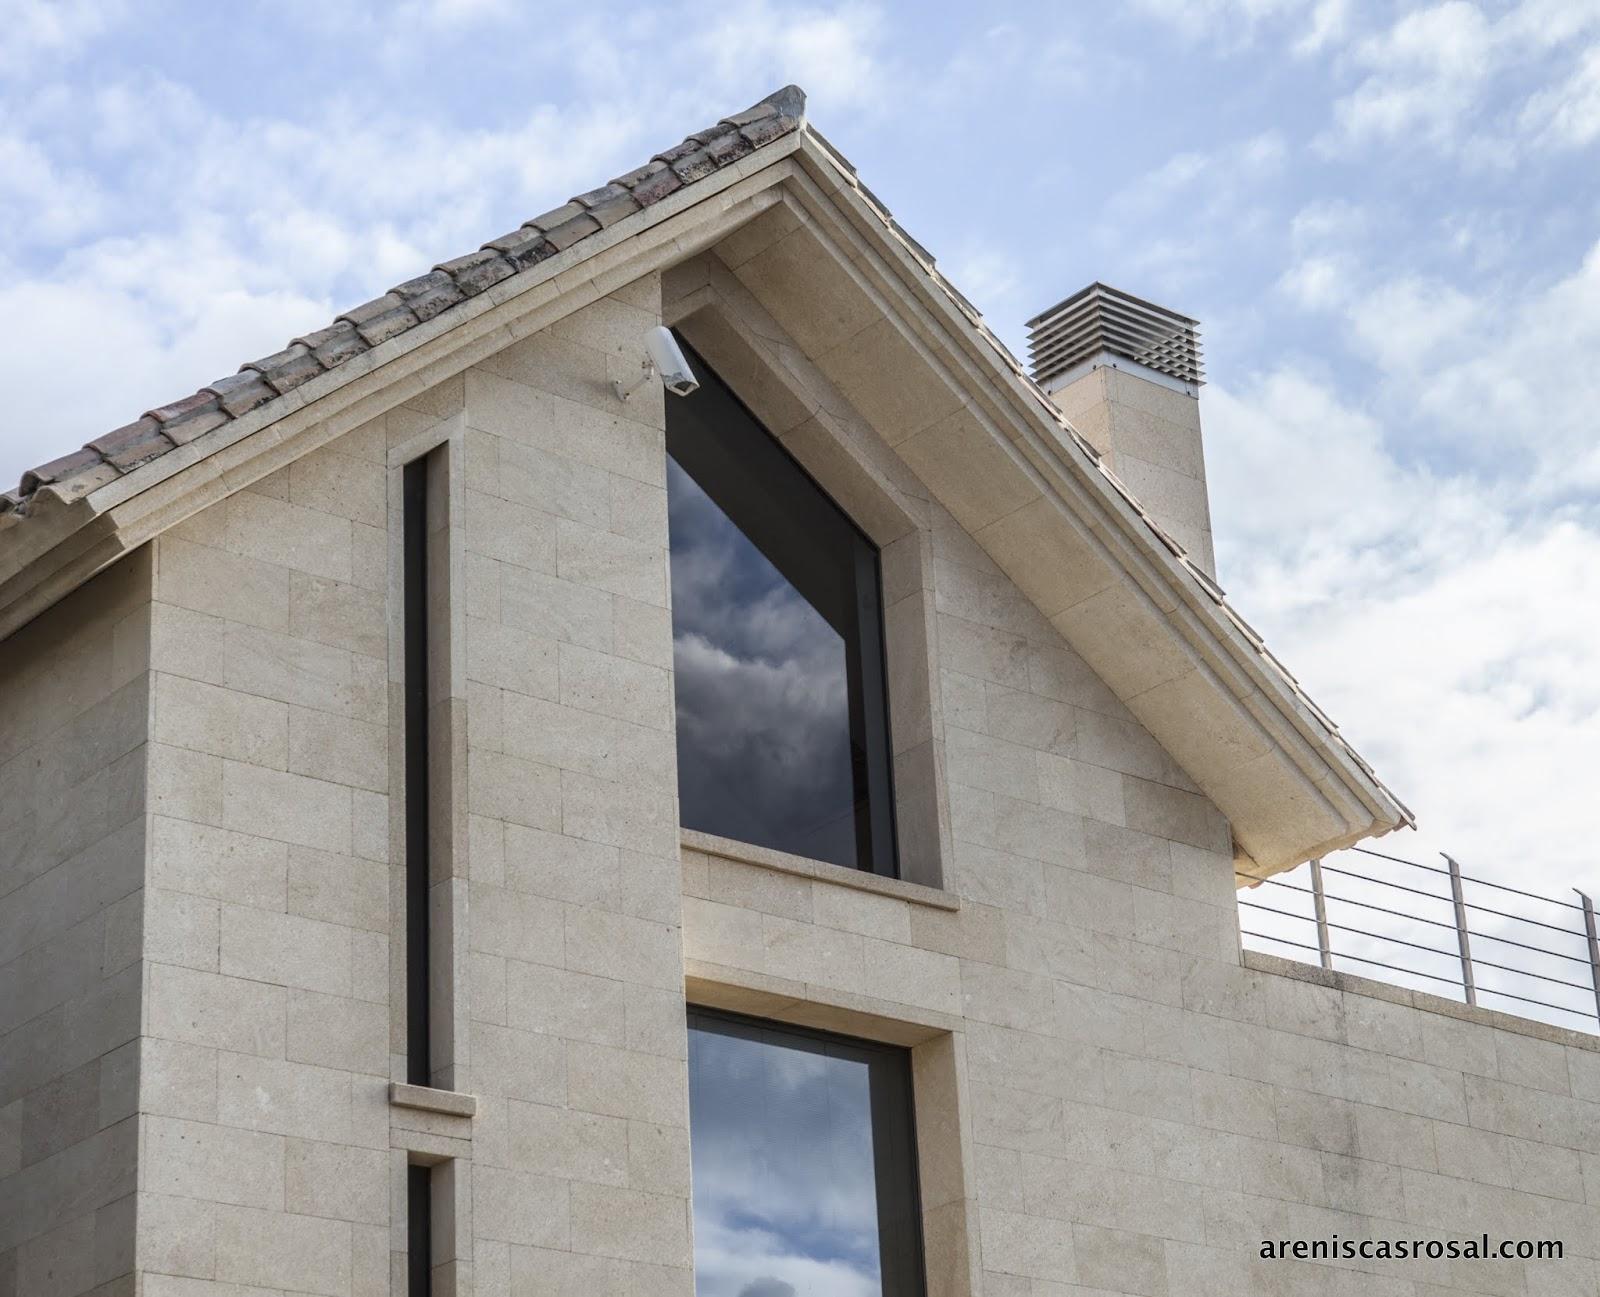 Vivienda en marbella 1 areniscas rosal s a - Aplacado piedra fachada ...